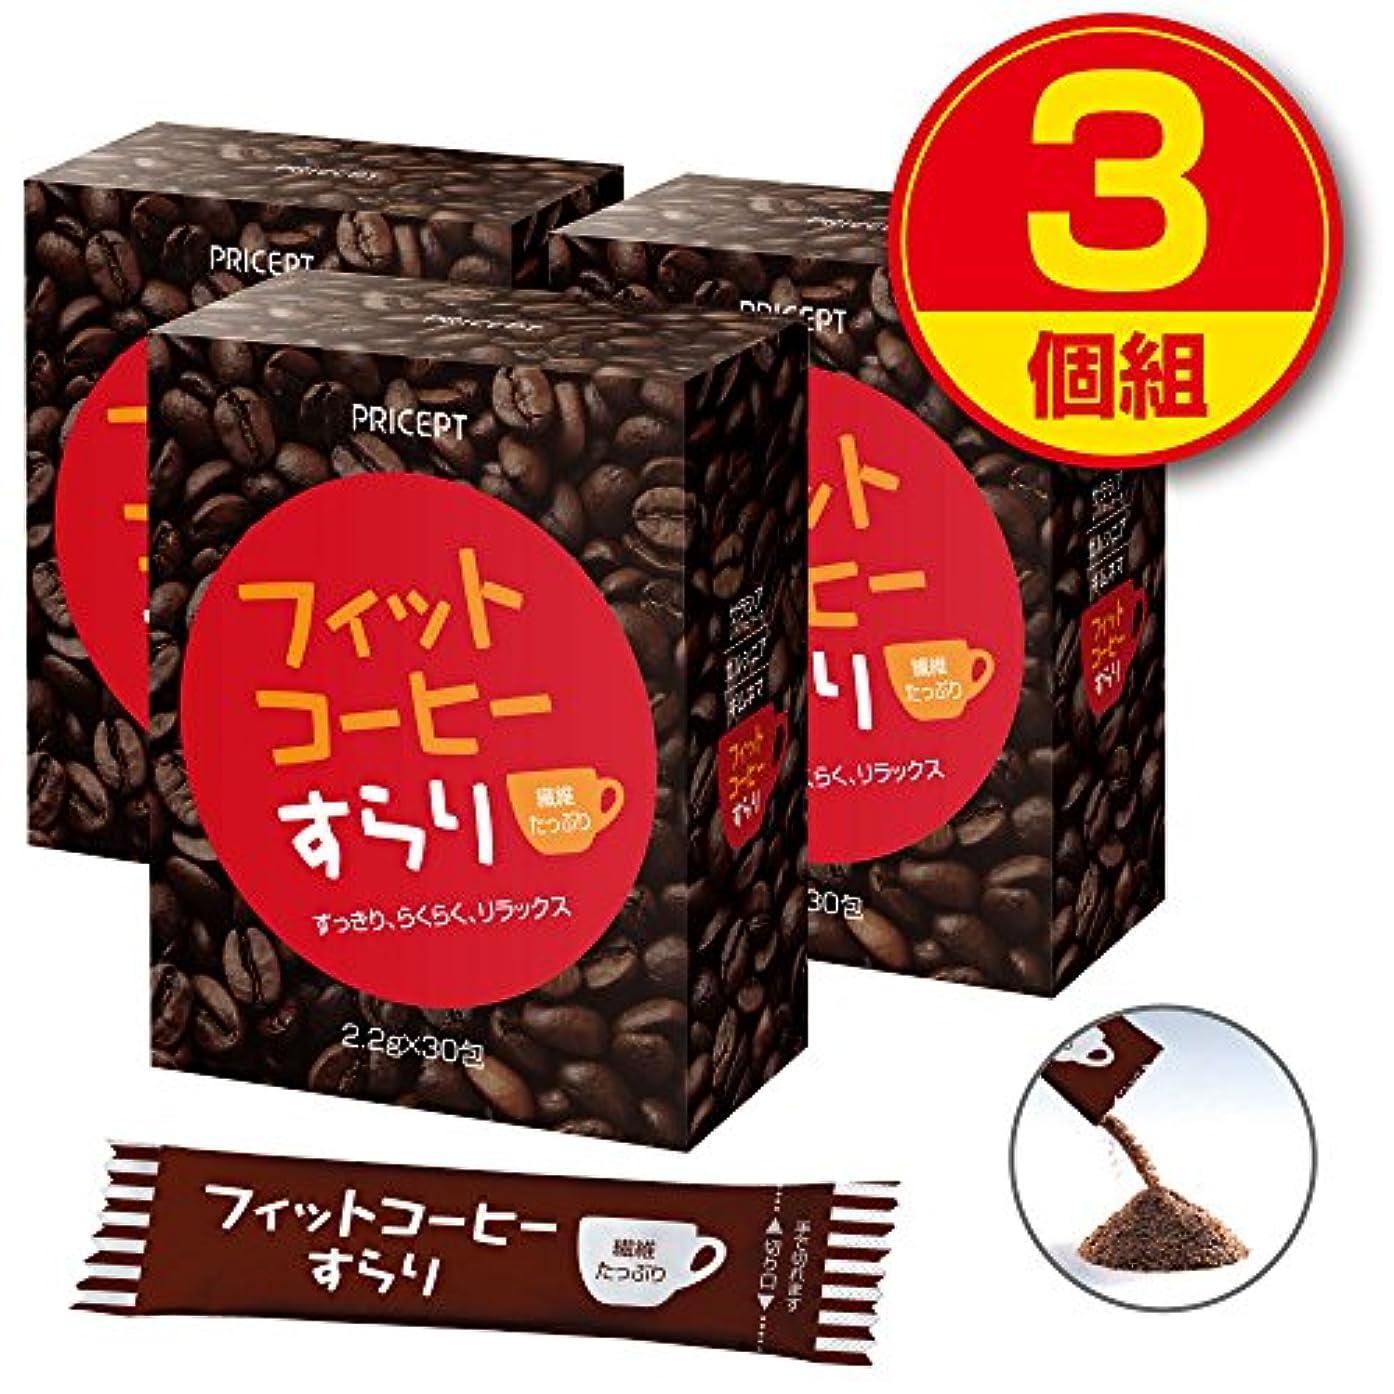 持つ溶接ラッチプリセプト フィットコーヒーすらり 30包【3個組(90包)】(ダイエットサポートコーヒー)